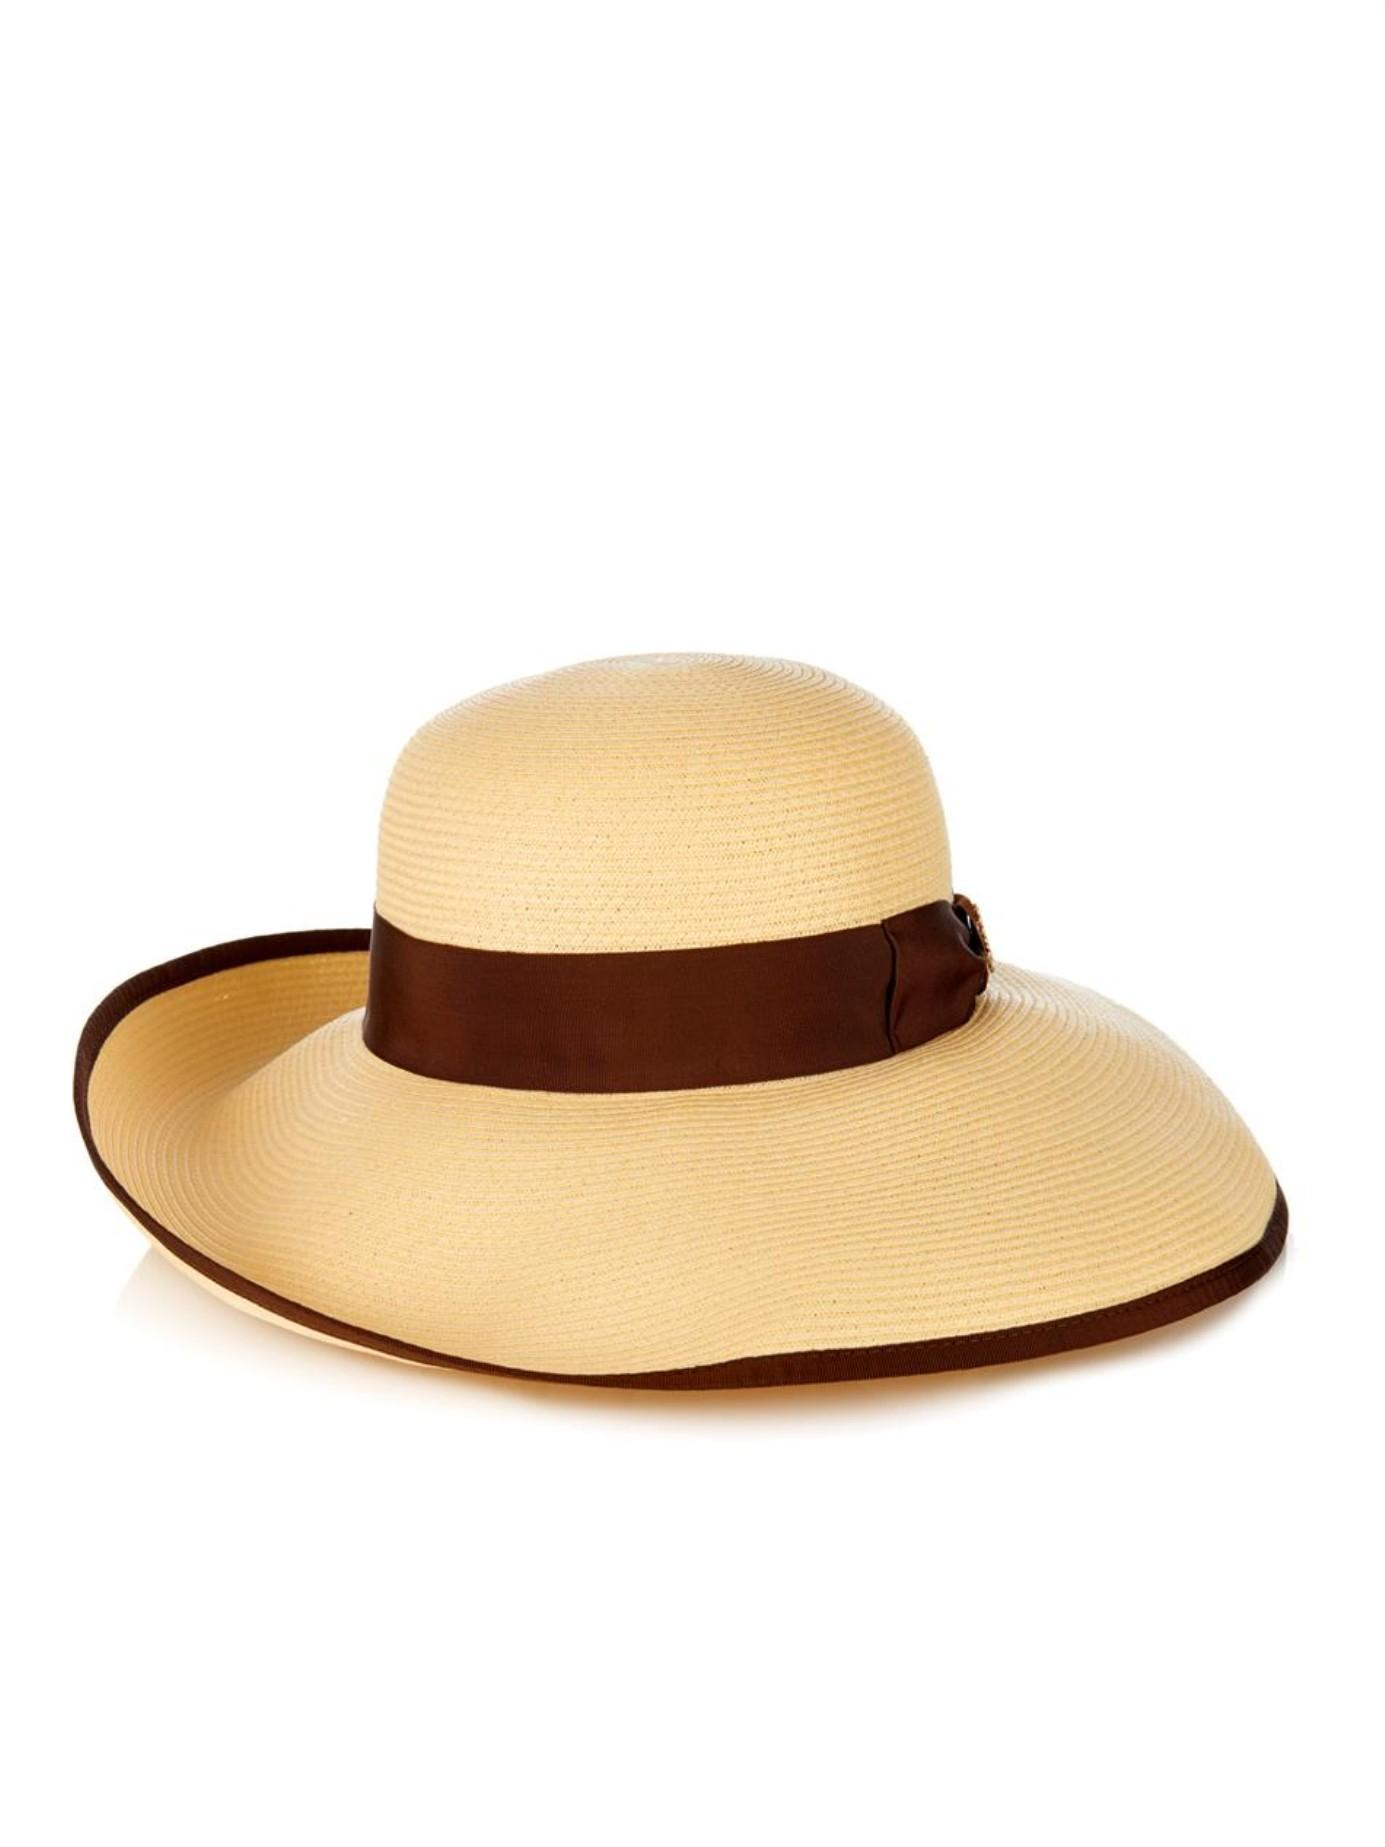 2f4e43efd844e Lyst - Gucci Natural Straw Wide-Brimmed Hat